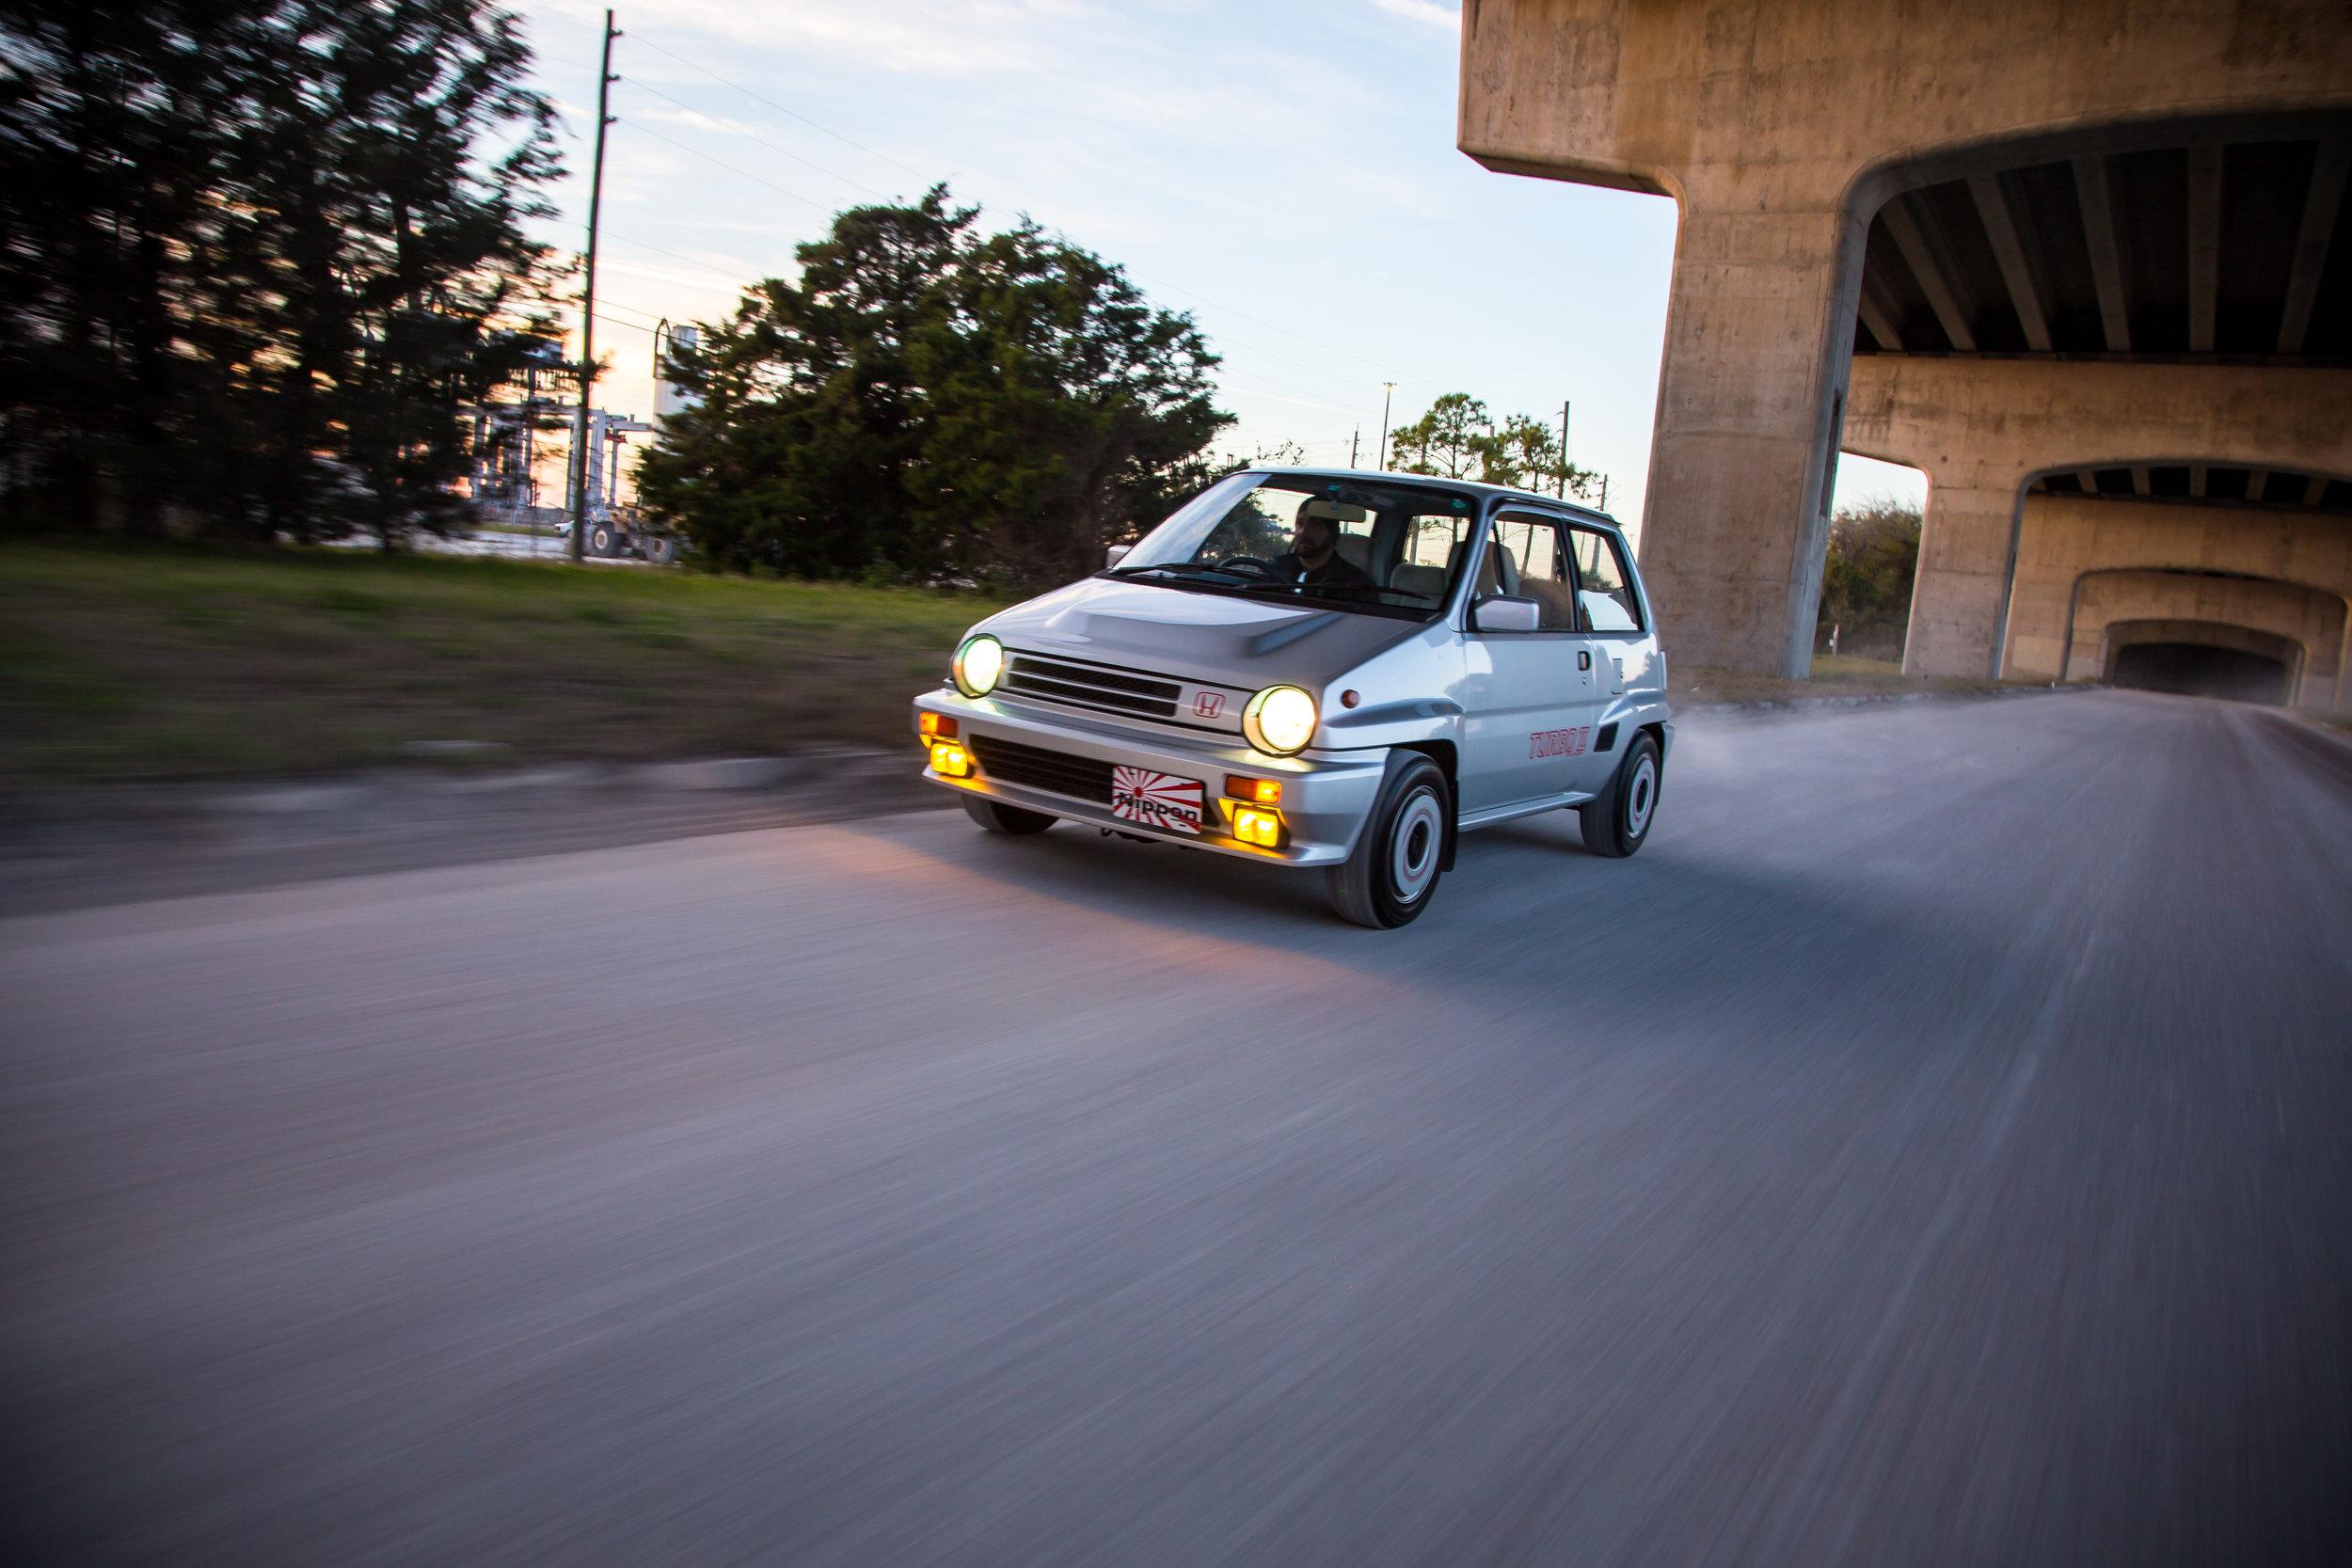 1983-honda-city-turbo-ii--motocompo_46384138921_o.jpg